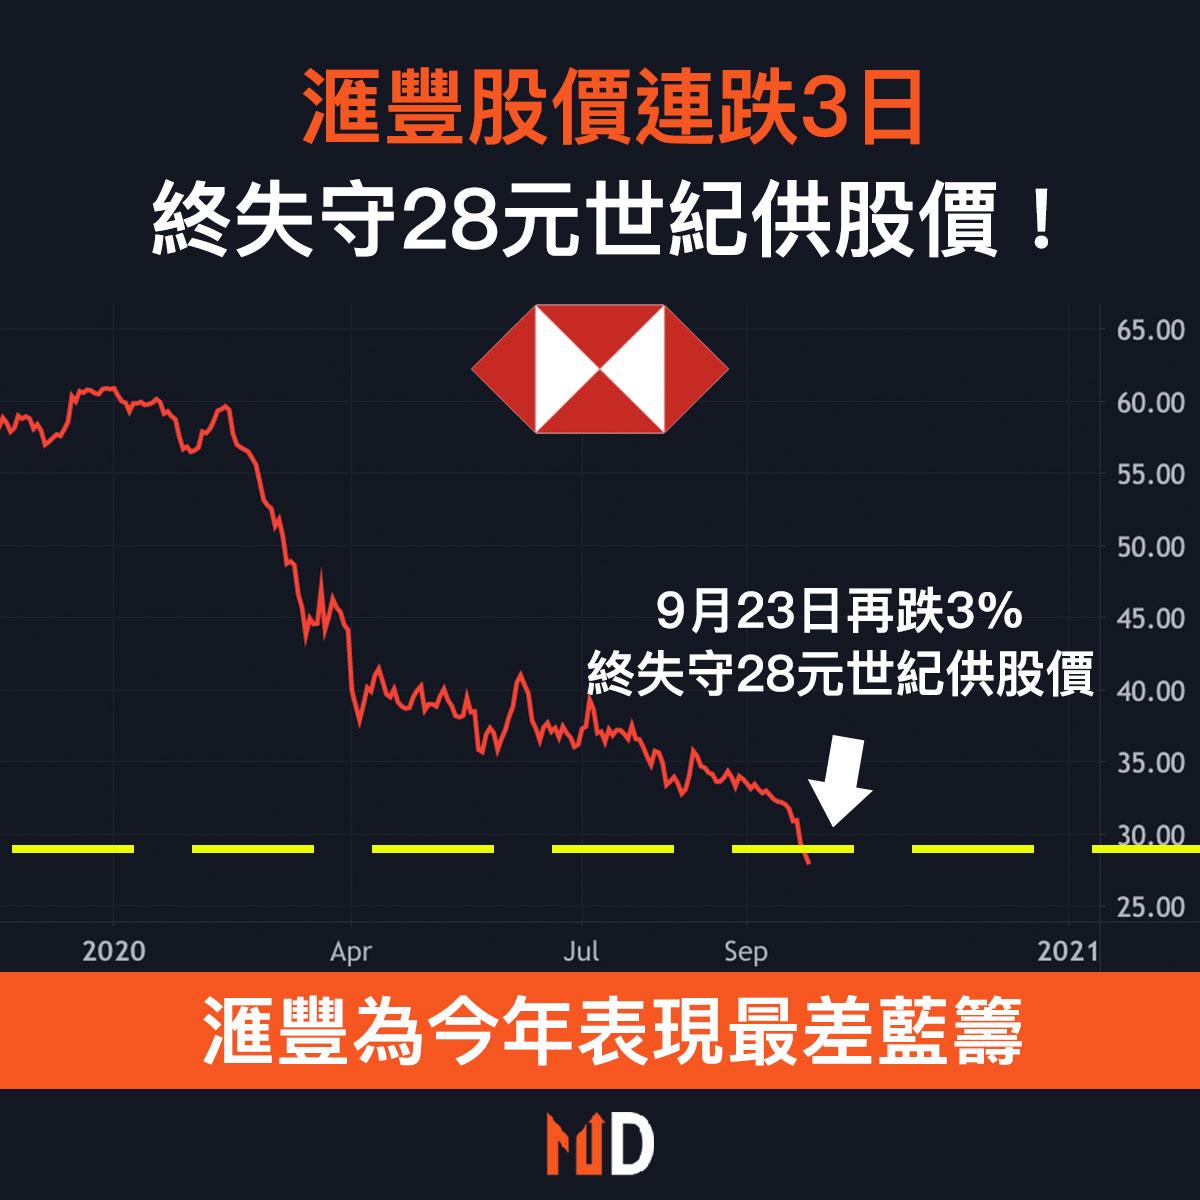 【市場熱話】滙豐股價連跌3日,終失守28元世紀供股價!